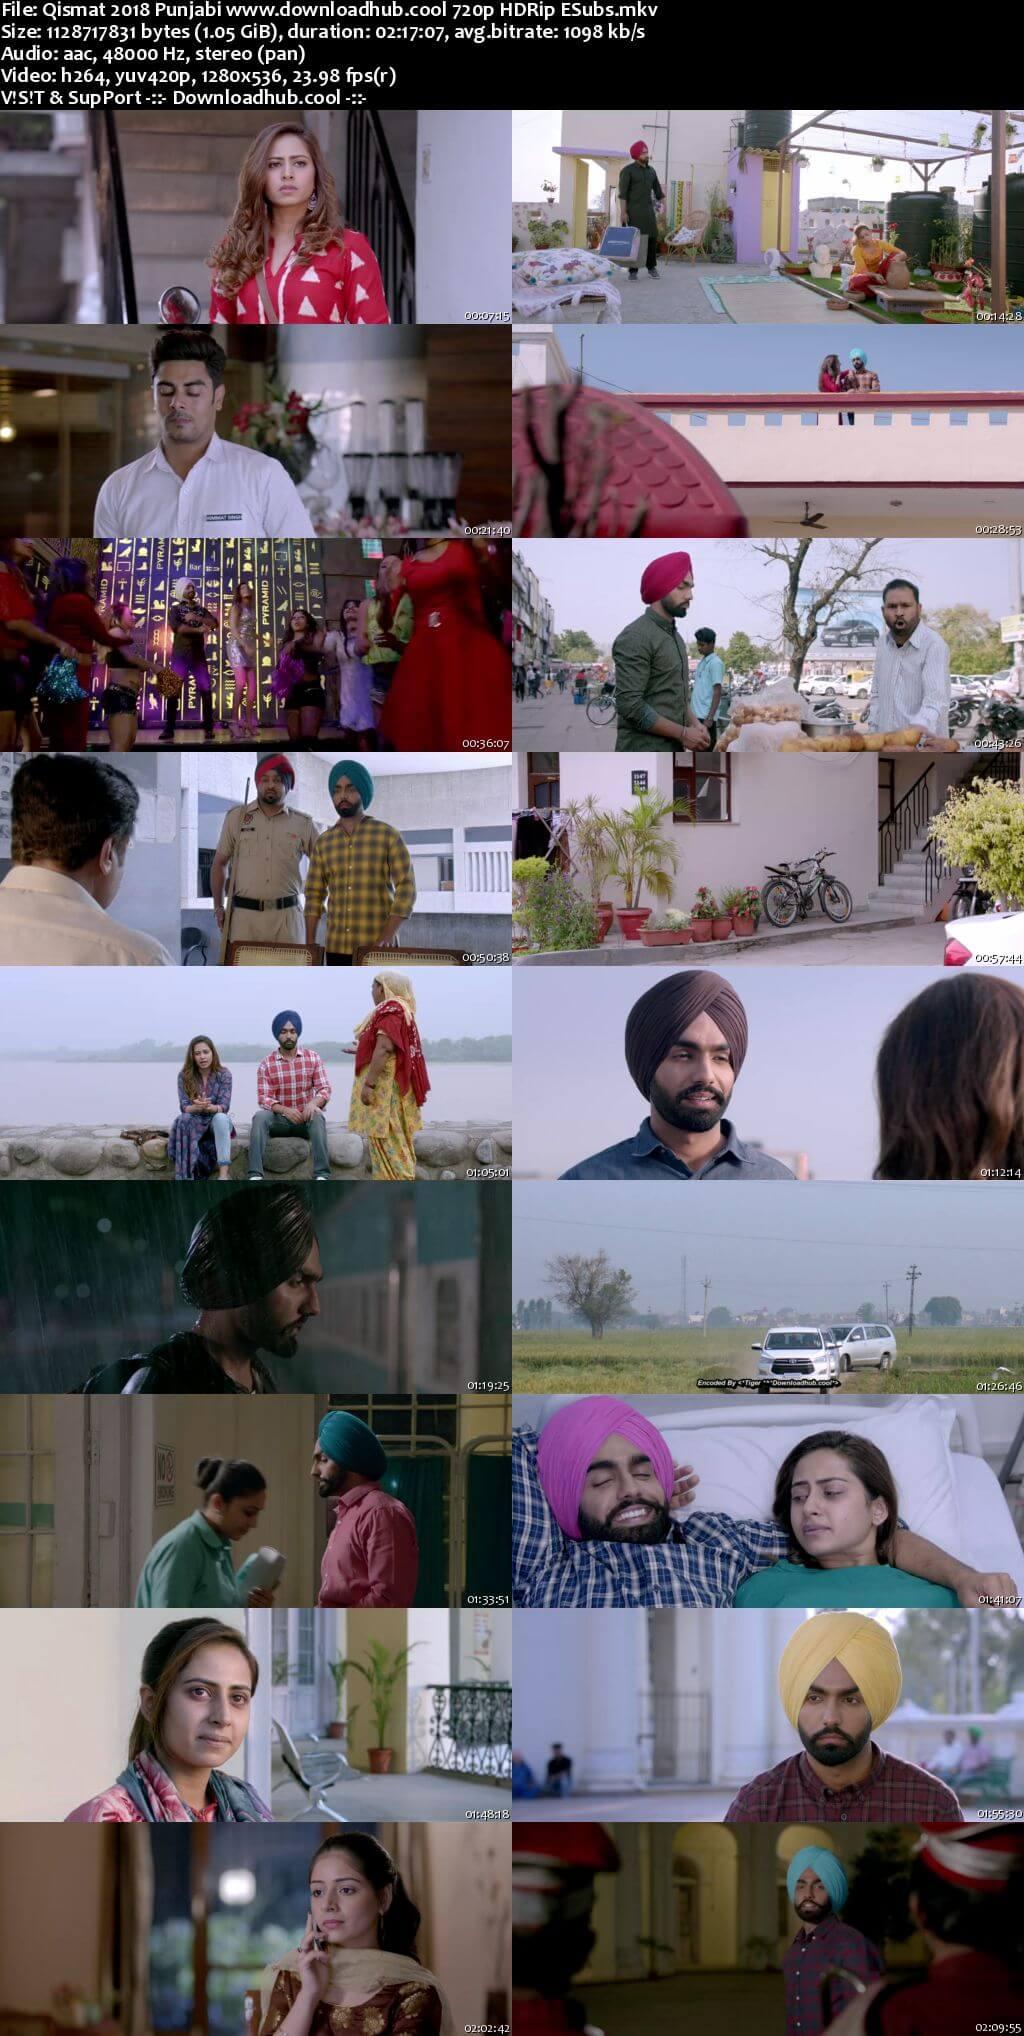 Qismat 2018 Punjabi 720p HDRip ESubs